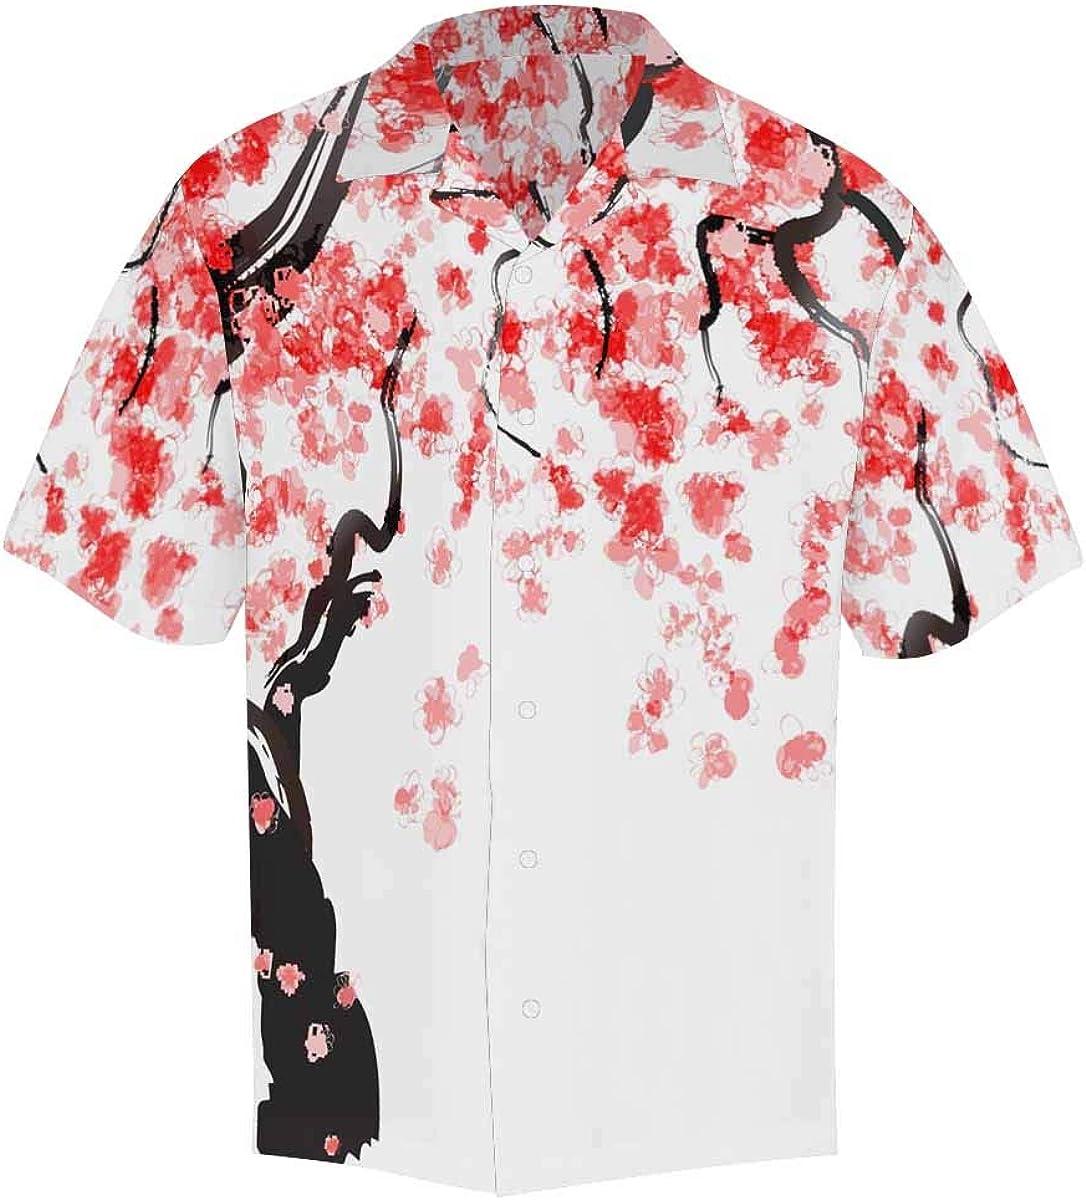 InterestPrint Casual Button Up Sports Basketball Short Sleeve Summer T Shirt